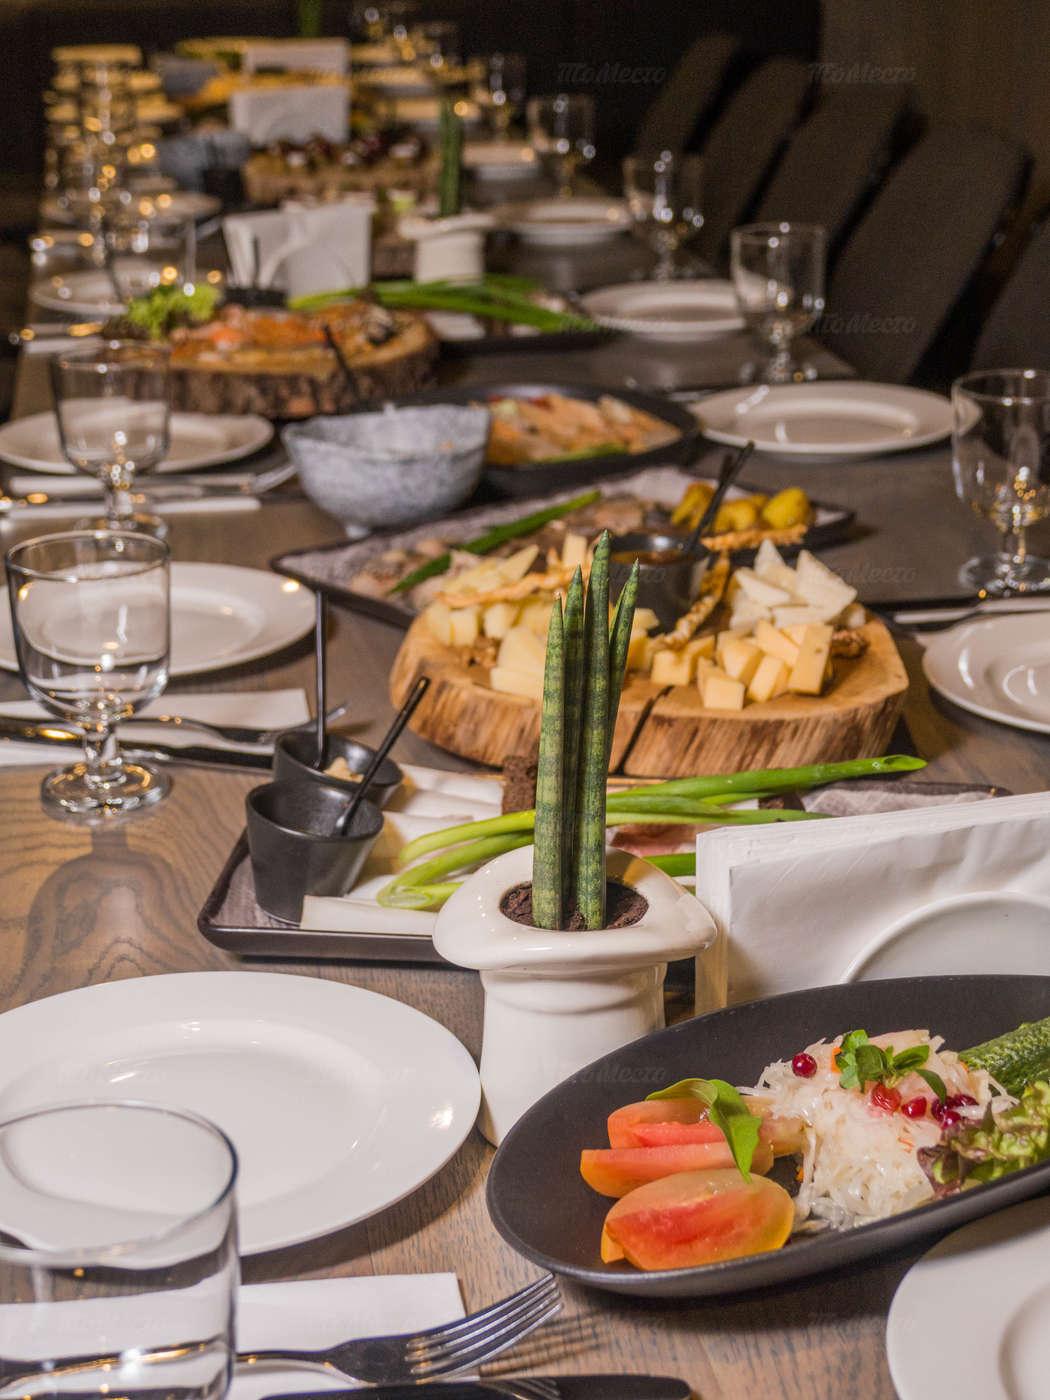 Меню ресторана СЕВЕРЭВЕР (CEBEREVER) в Пятницком переулке фото 11